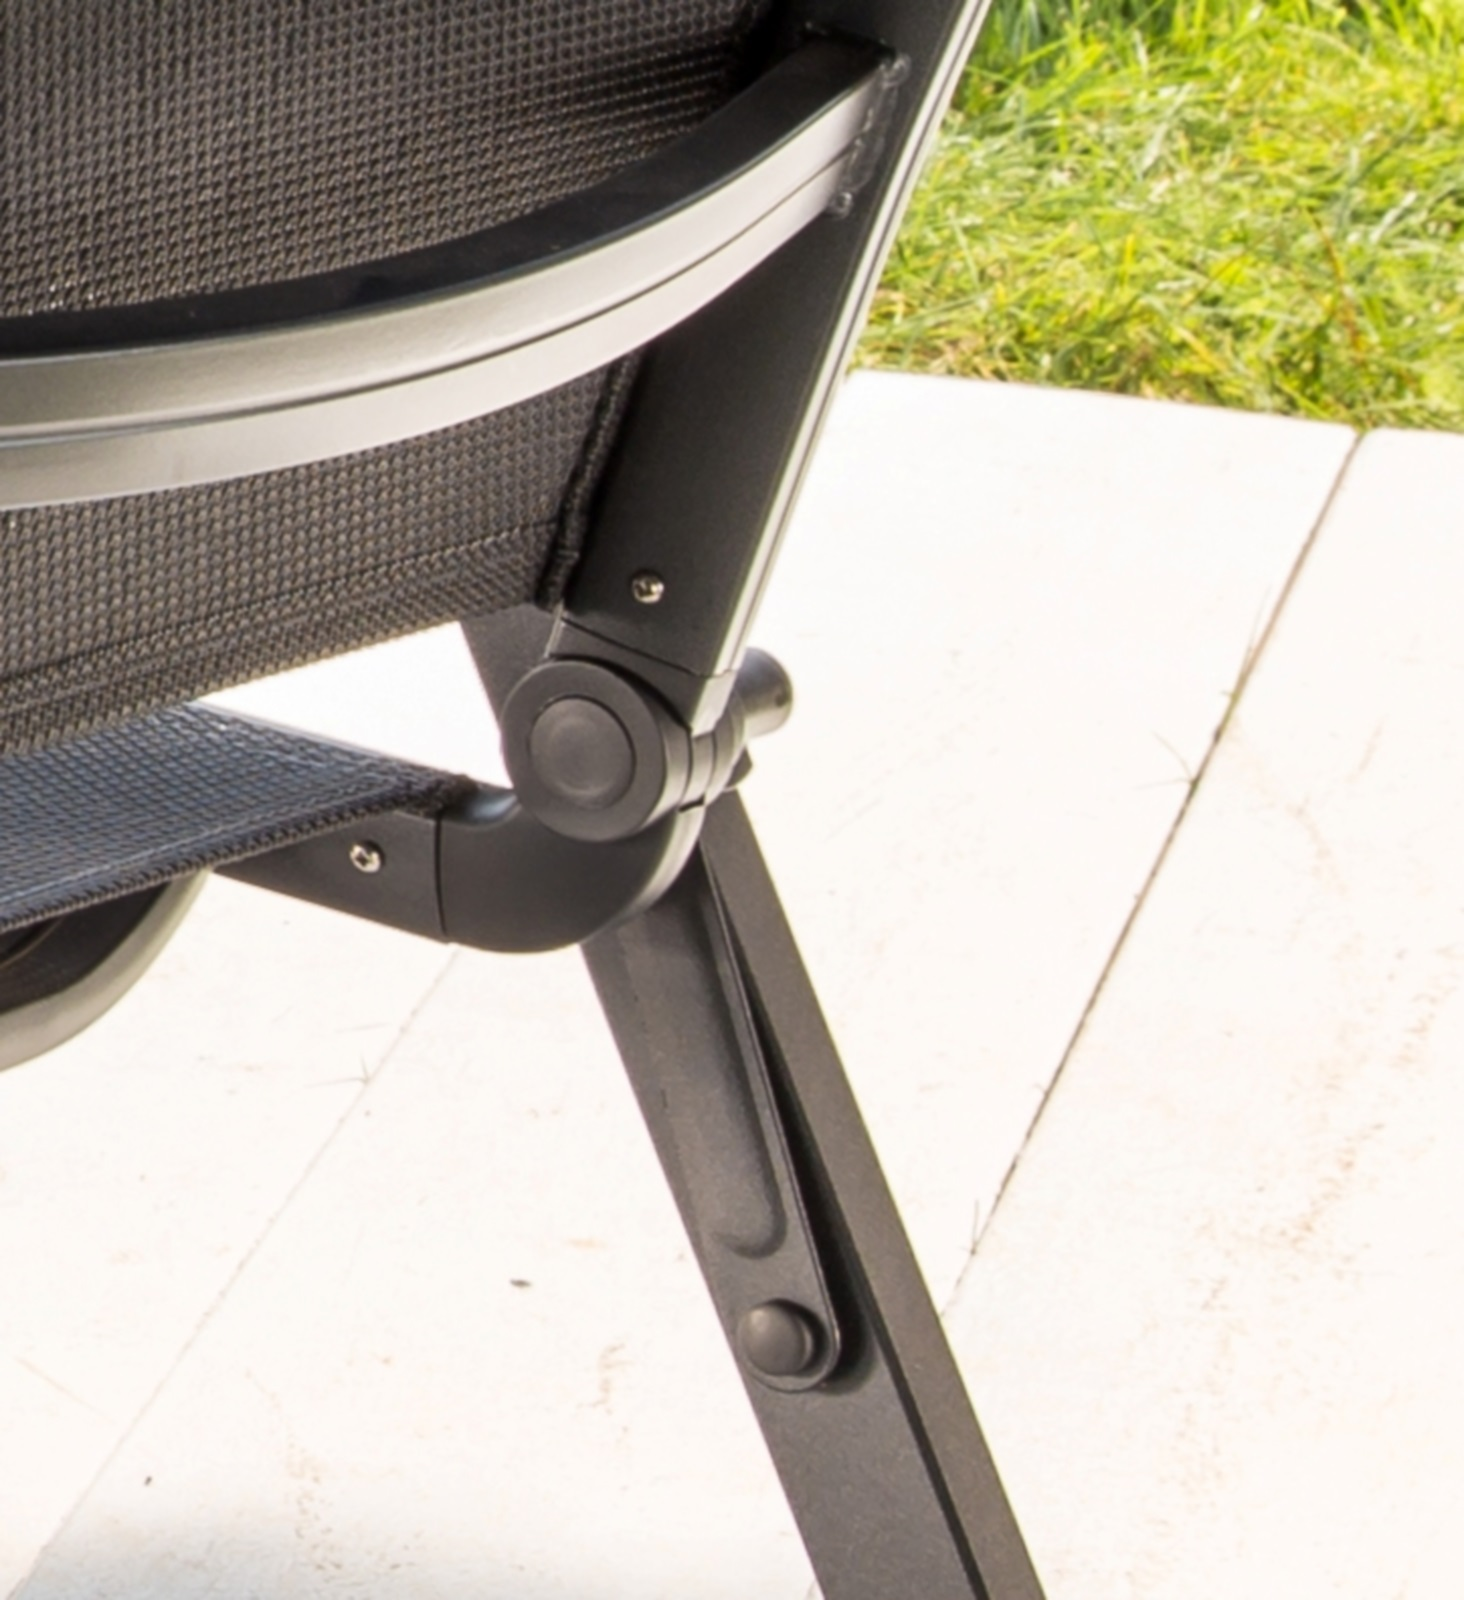 Kettler-Klappsessel-Basic-Plus-Gartenstuhl-Klappsessel-Sessel-Stuhl-Outdoor